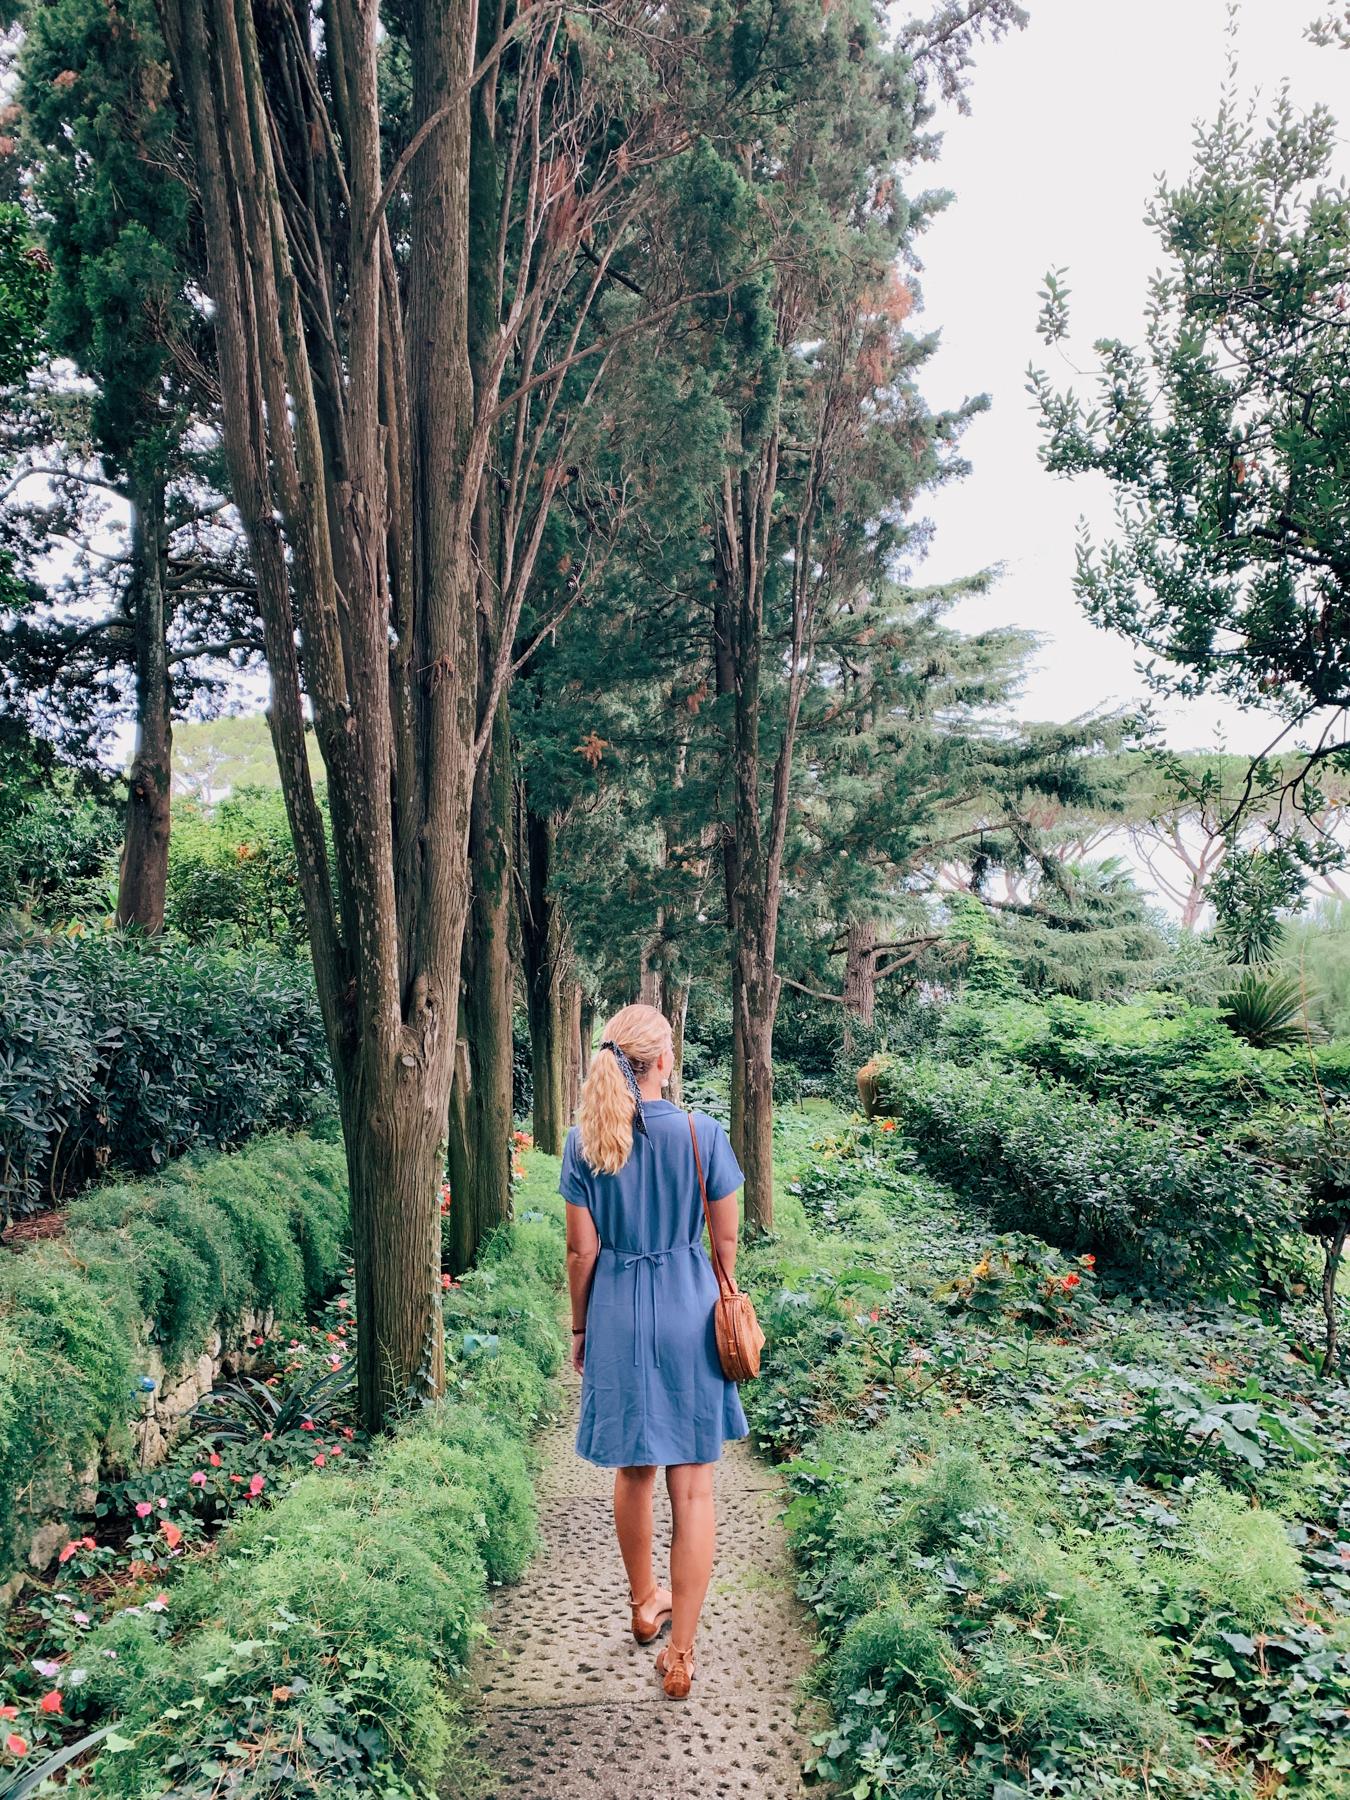 Walking around the gardens at Villa San Michele.